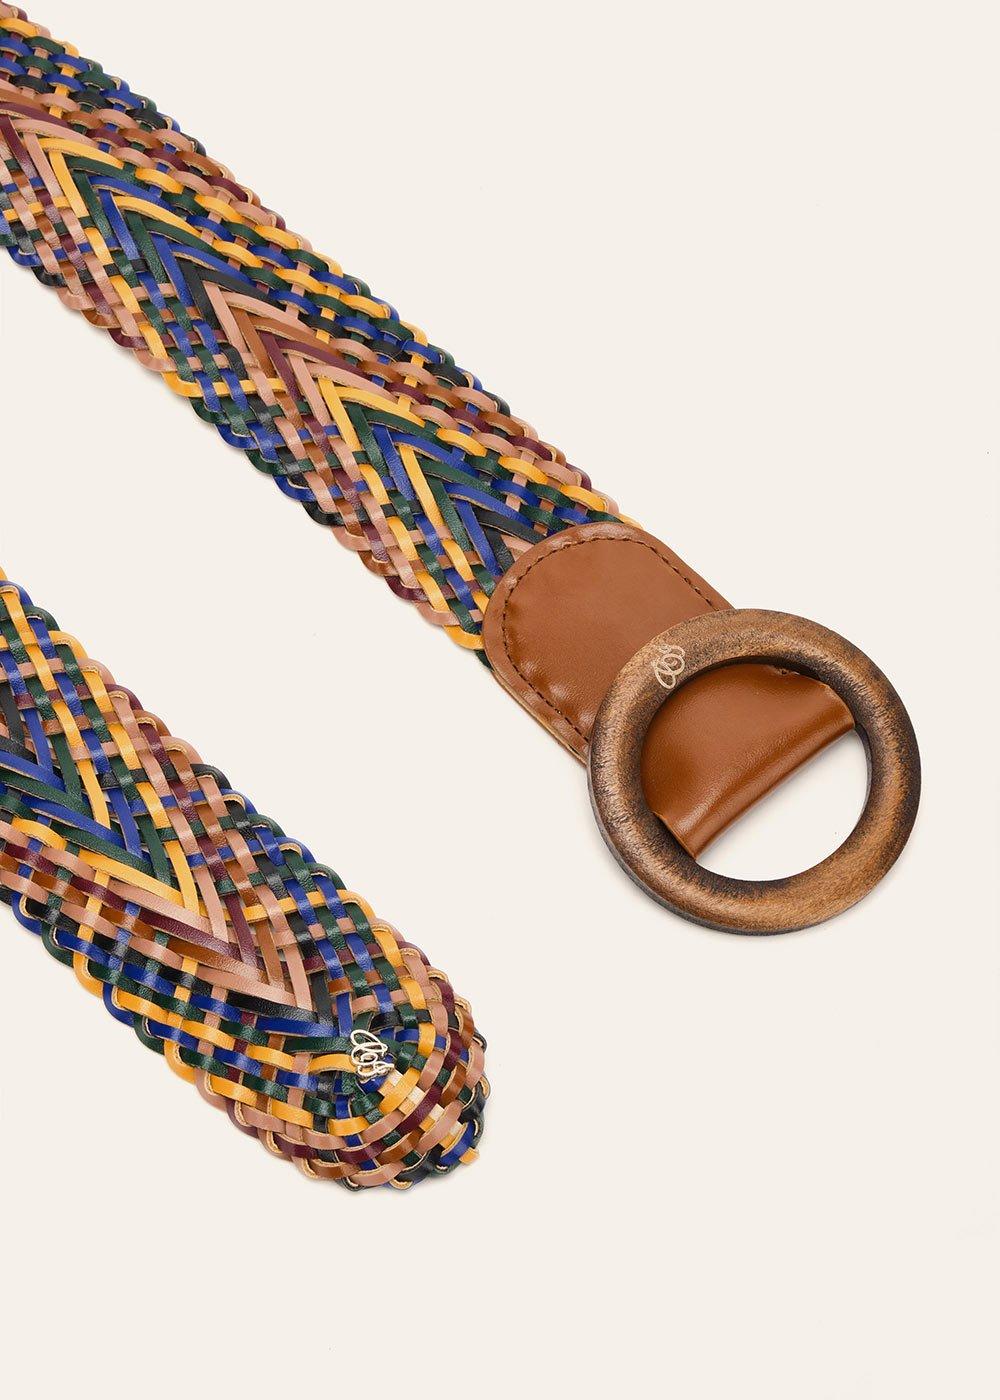 Cintura Cecyl intrecciata multicolor - Abisso  / Papaya - Donna